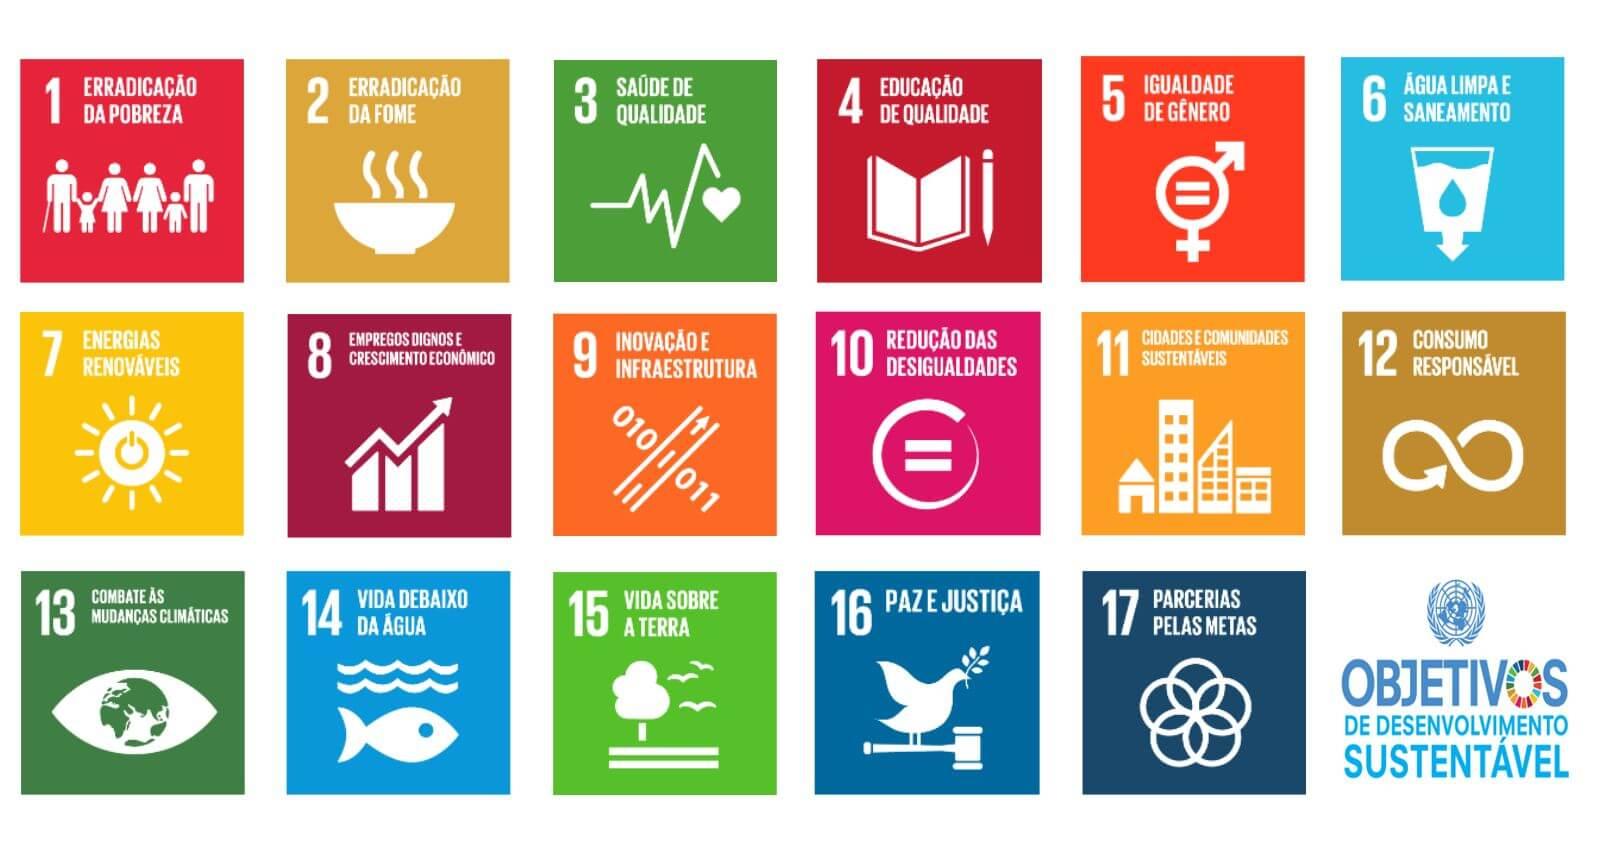 17 Objetivos do Milênio - 20 países com melhor desenvolvimento sustentável